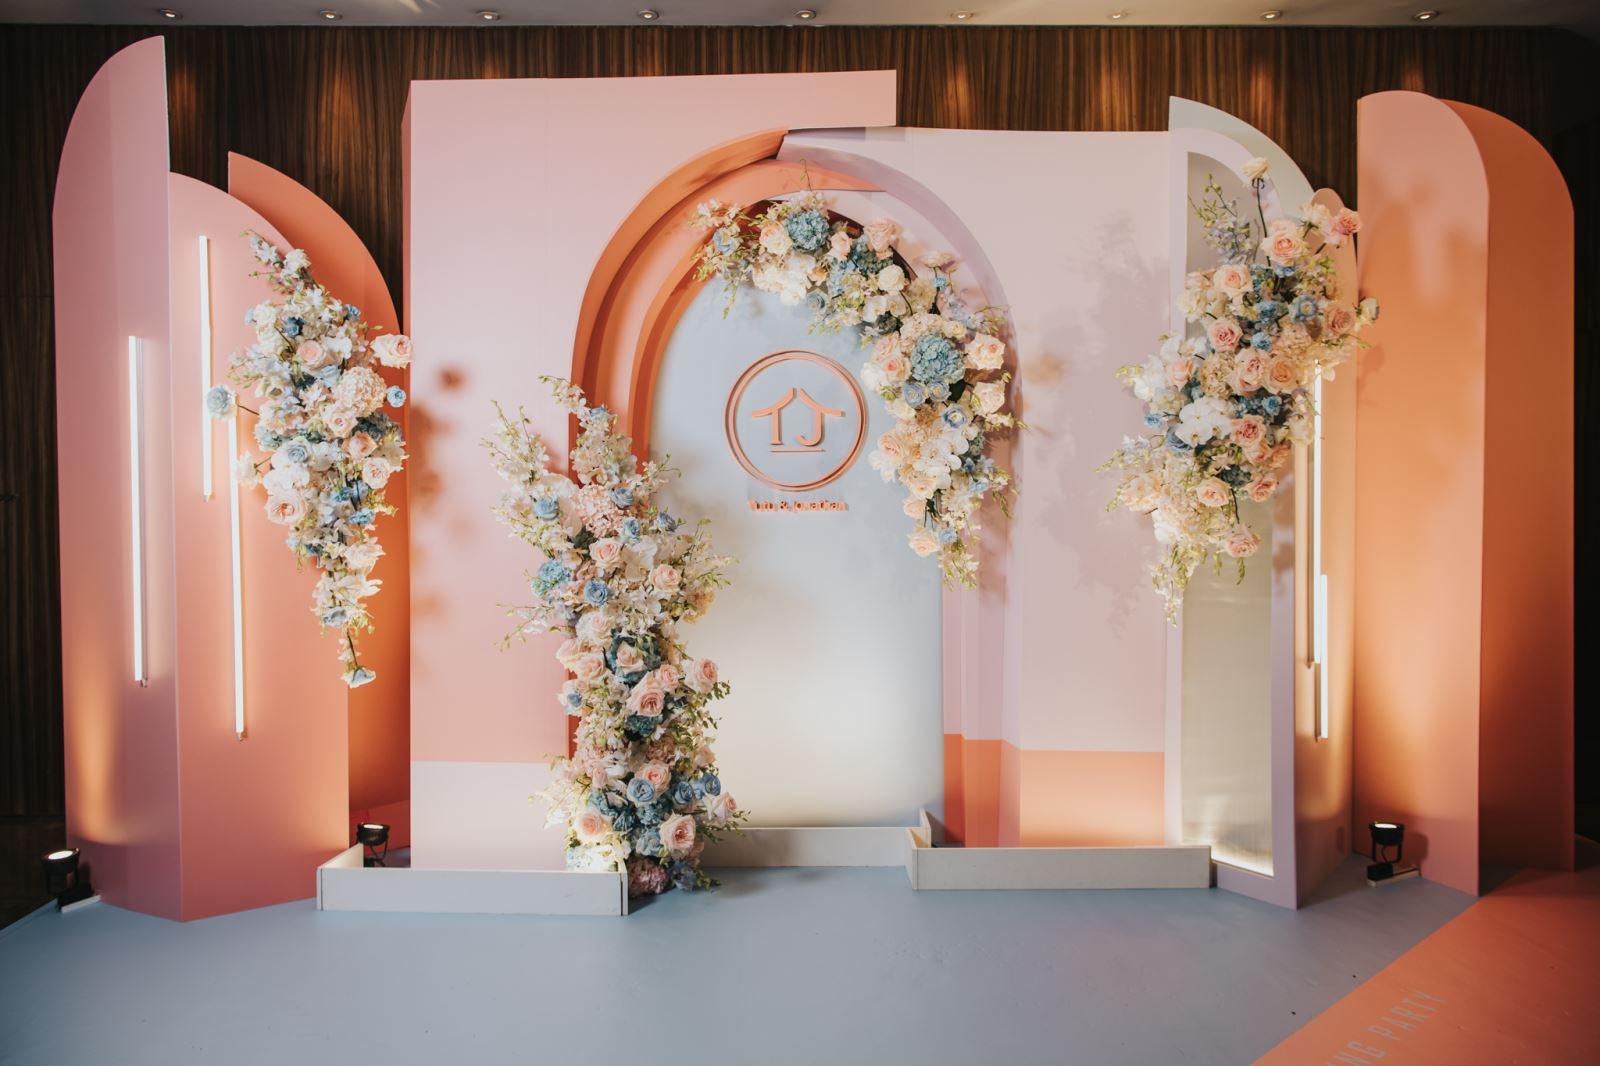 婚禮主持人推薦婚禮佈置廠商給新人做為參考